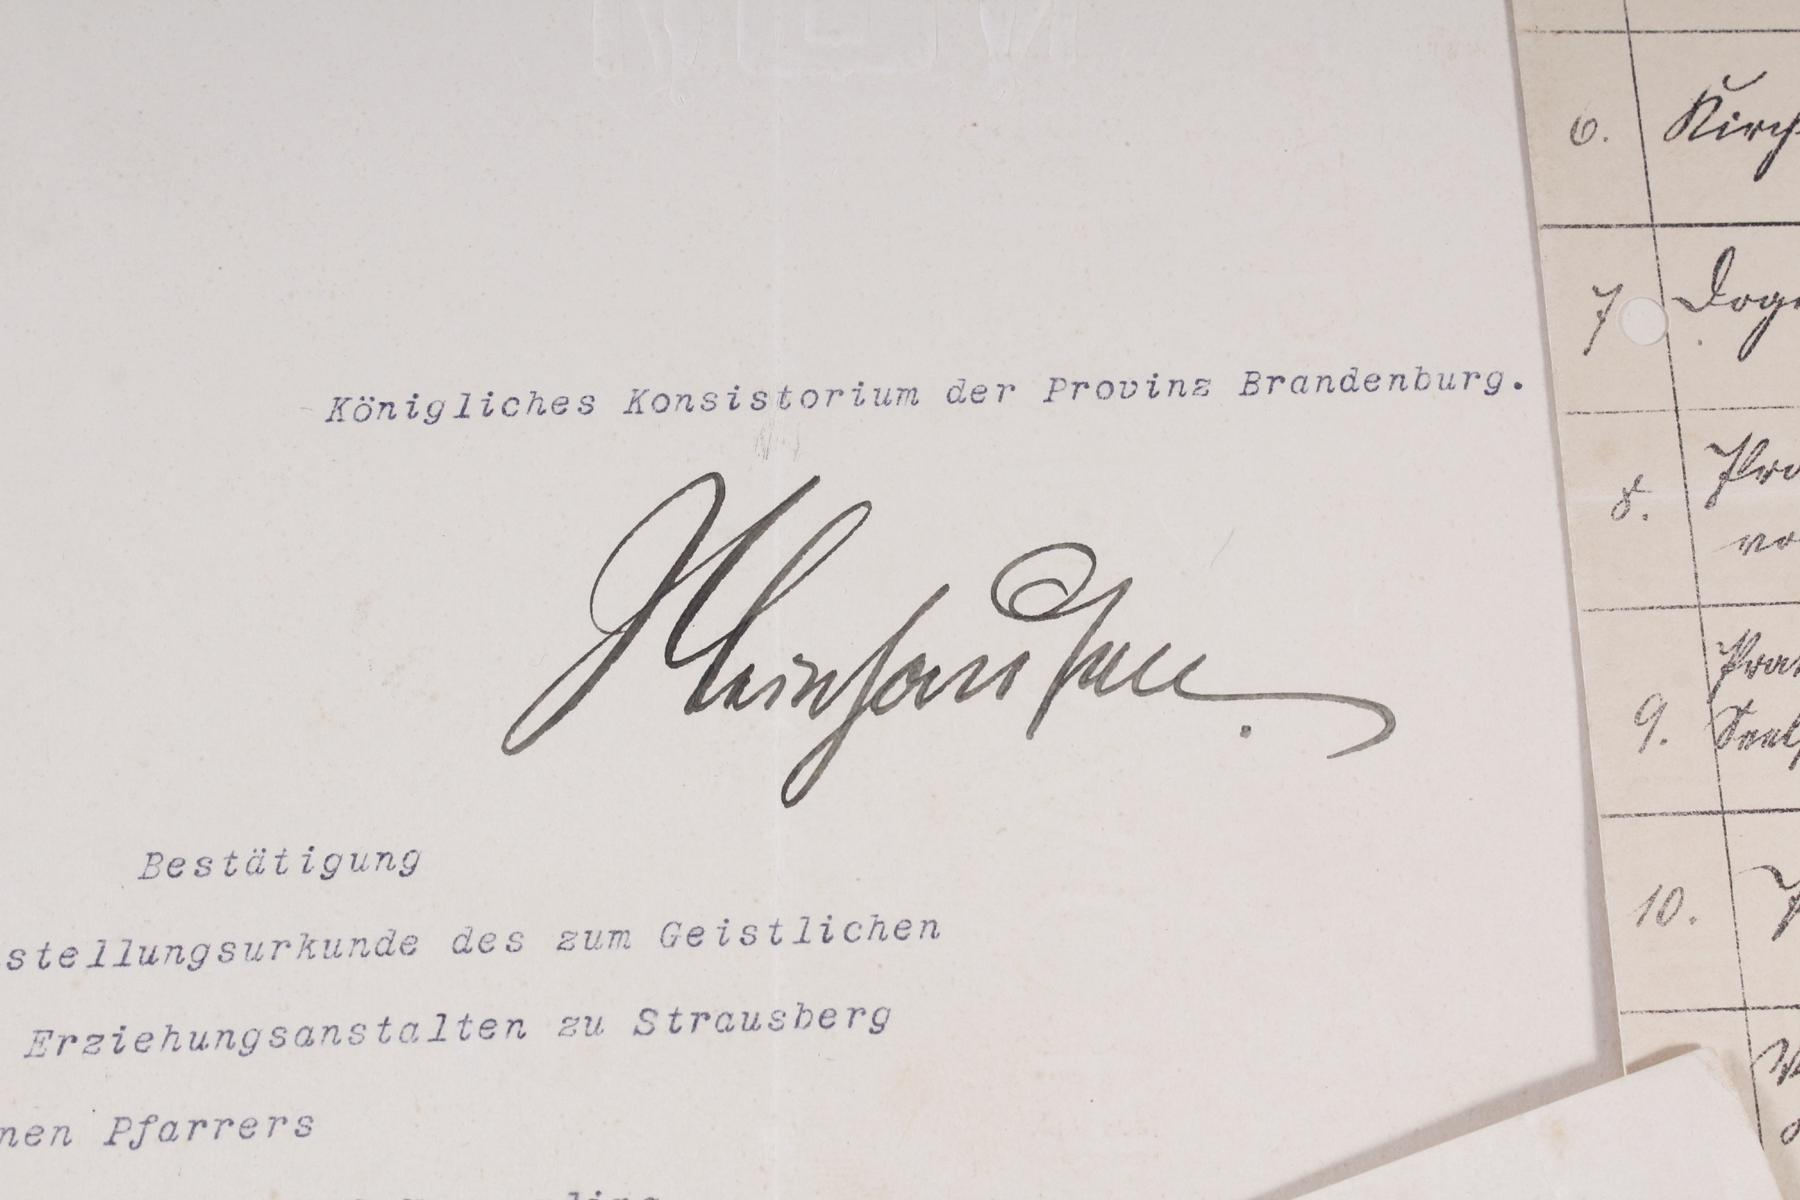 Dokumente, Urkunden uä. eines Pfarrers in Königsberg (Ostpreußen)-2